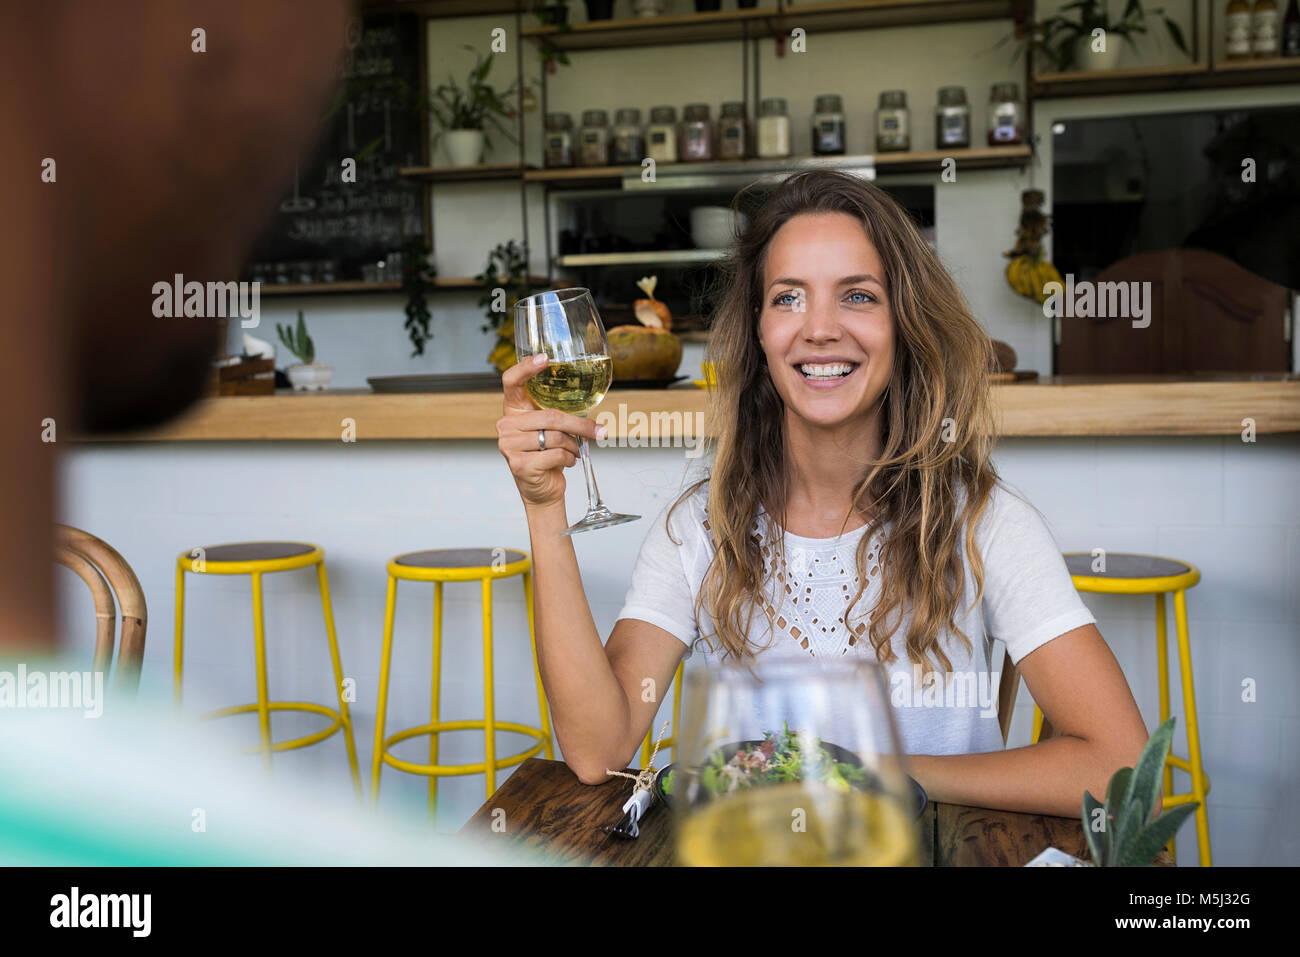 Femme souriante avec verre de vin en regardant l'homme dans un café Photo Stock